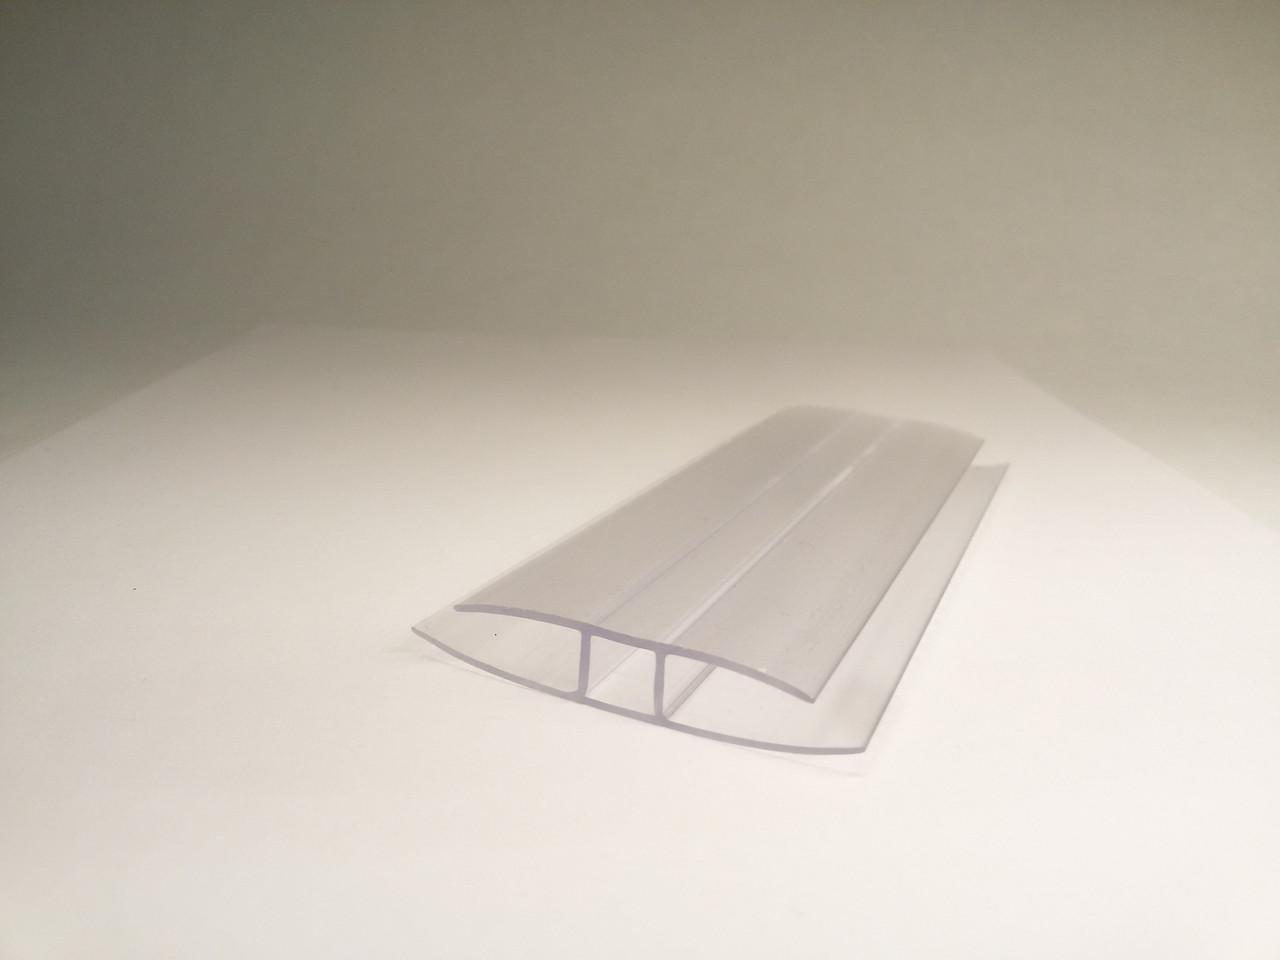 Профиль соединительный неразъемный Polyarc 8 мм прозрачный